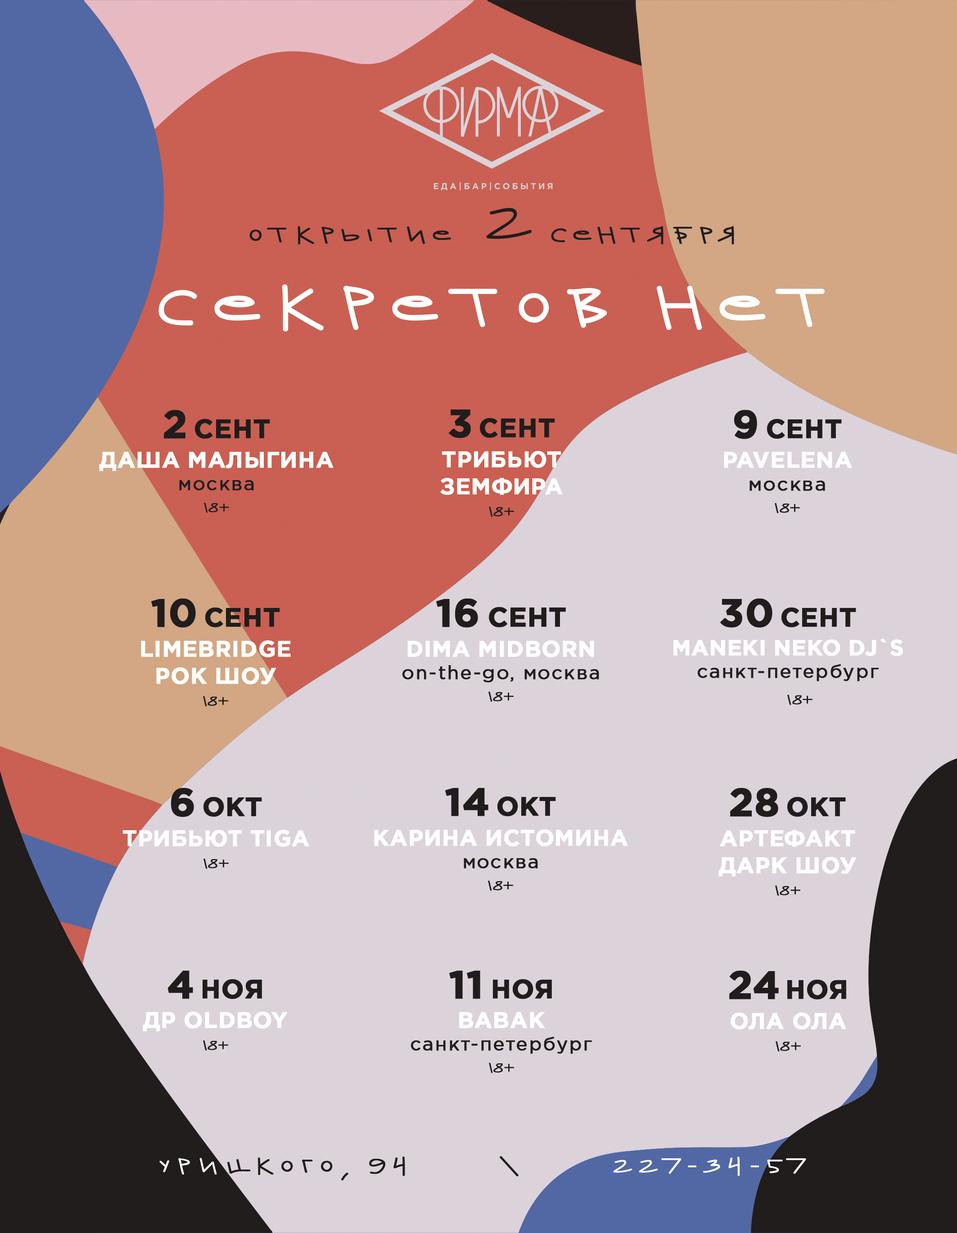 В комплексе ресторанов «Красноярск» откроется новое заведение 1